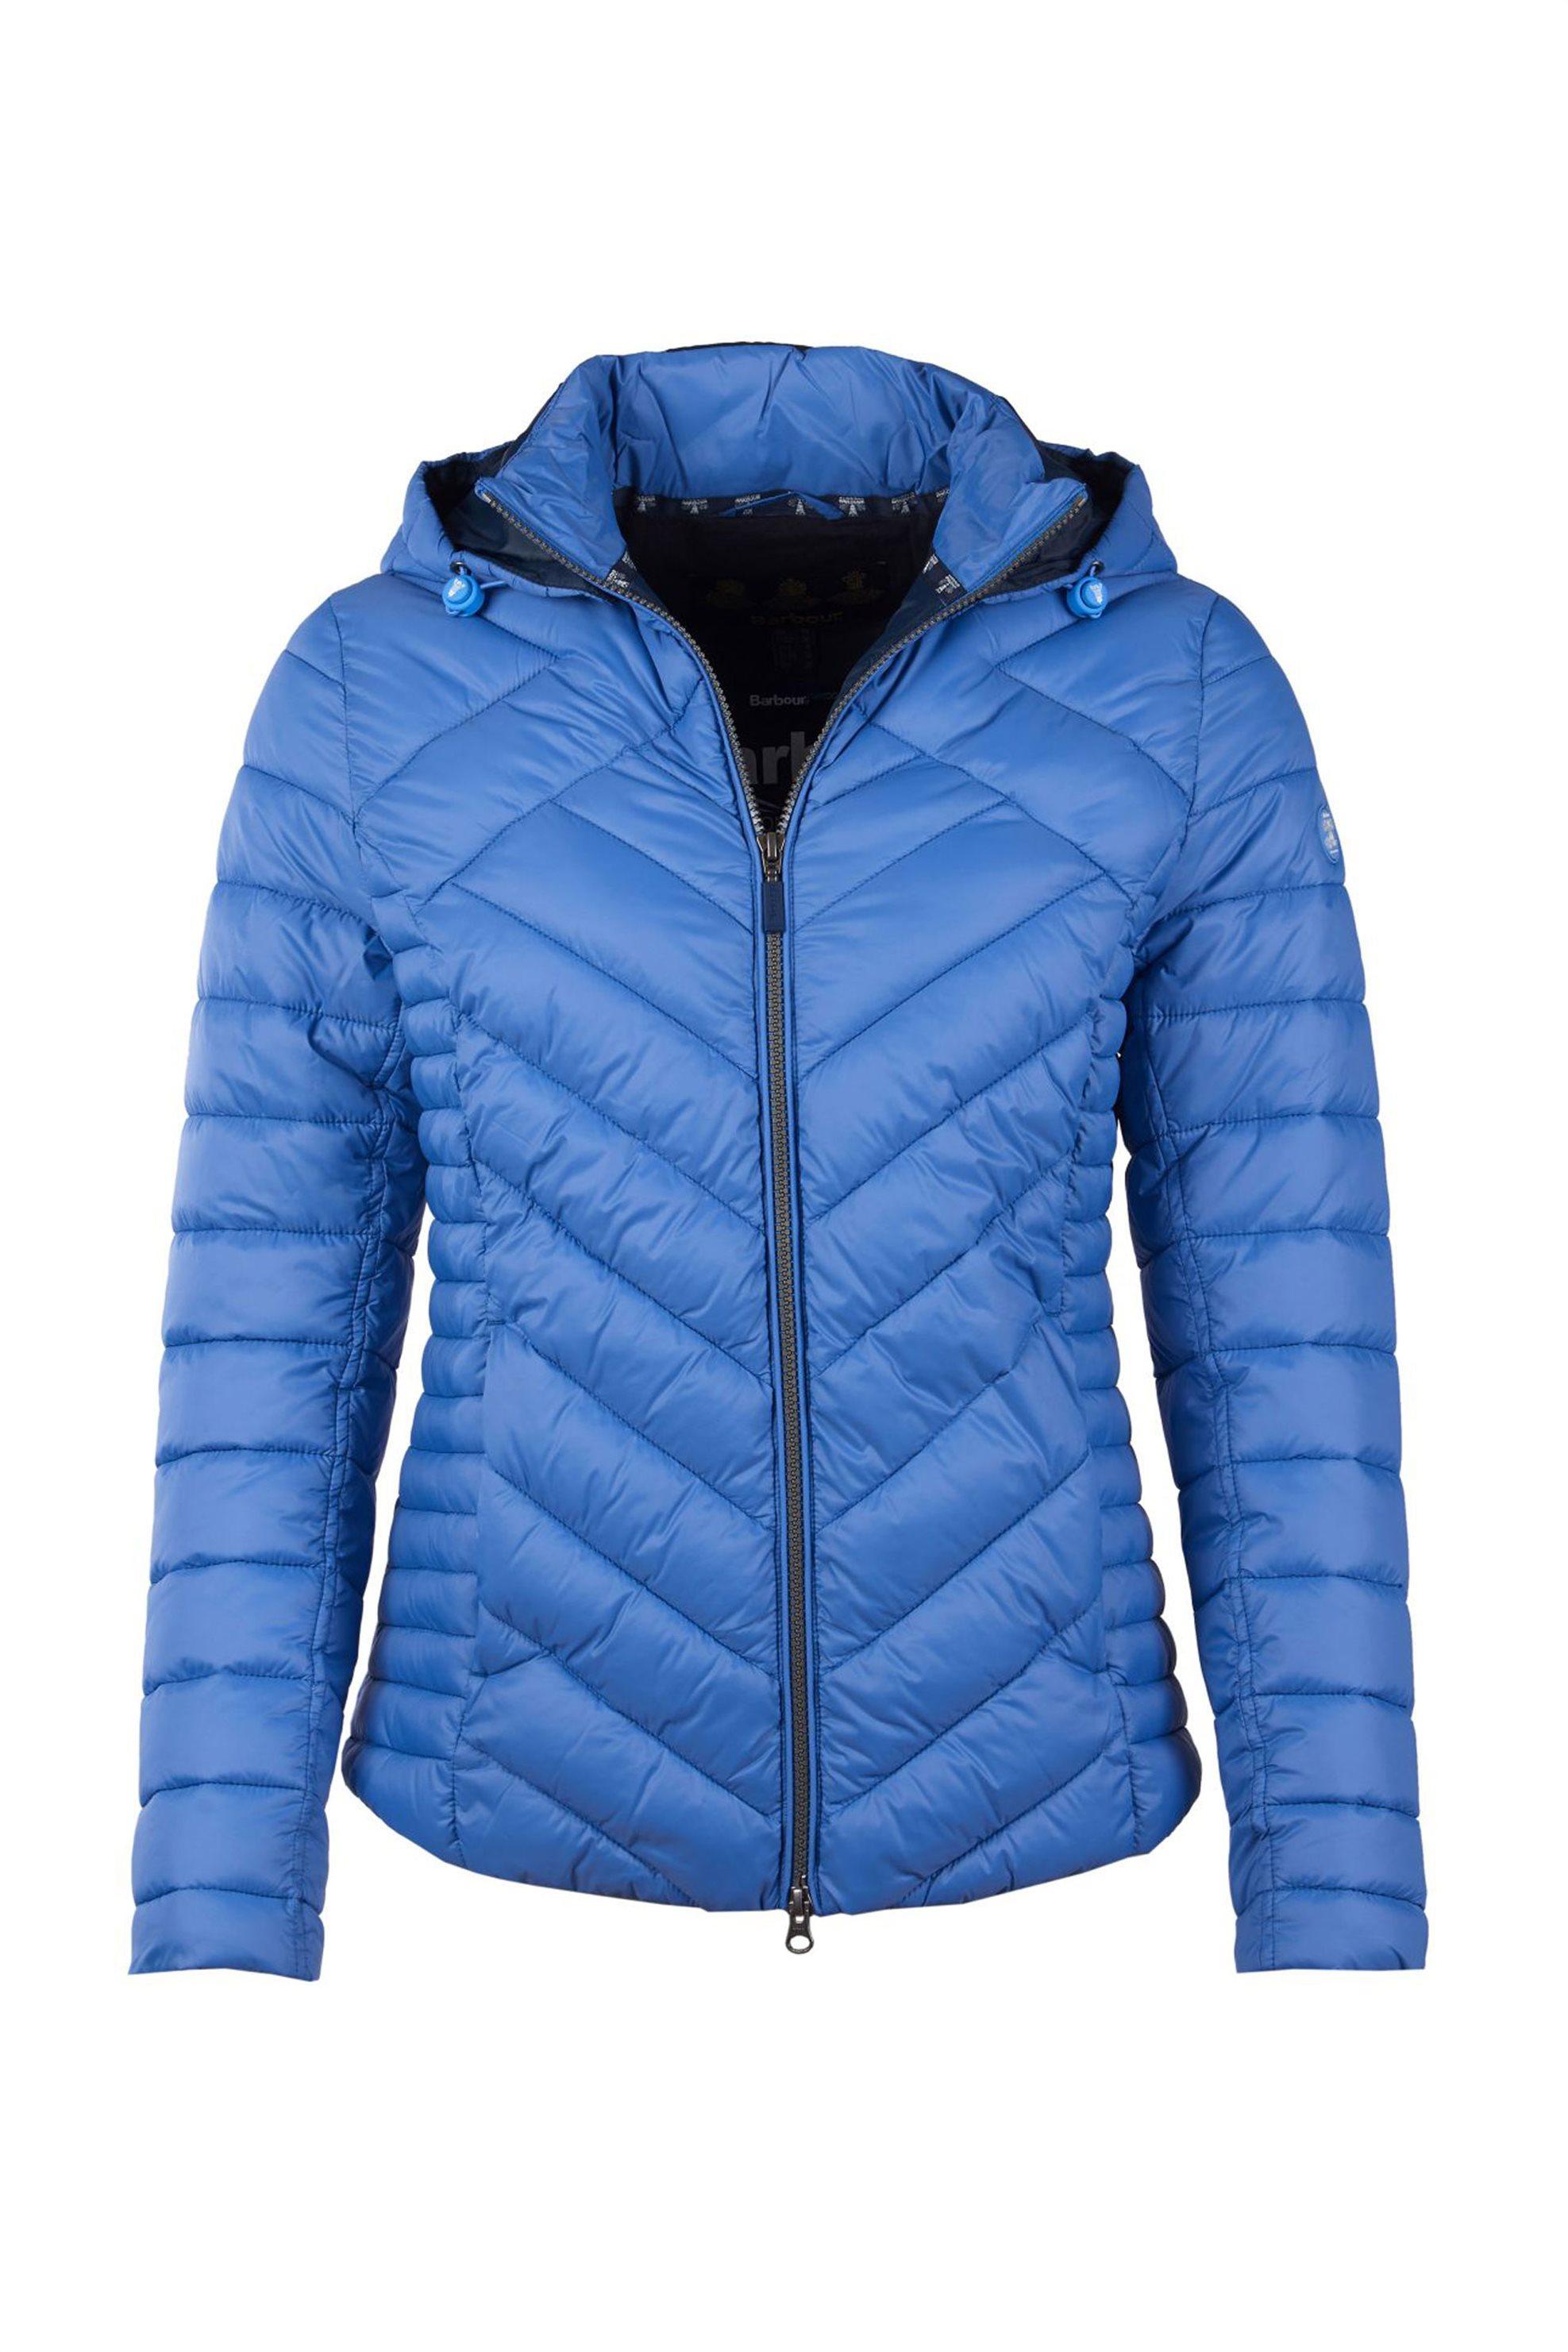 online αγορές Lucifer Ρούχα γυναικα ρουχα πανωφόρια μπουφάν σακάκια eff0f71a250